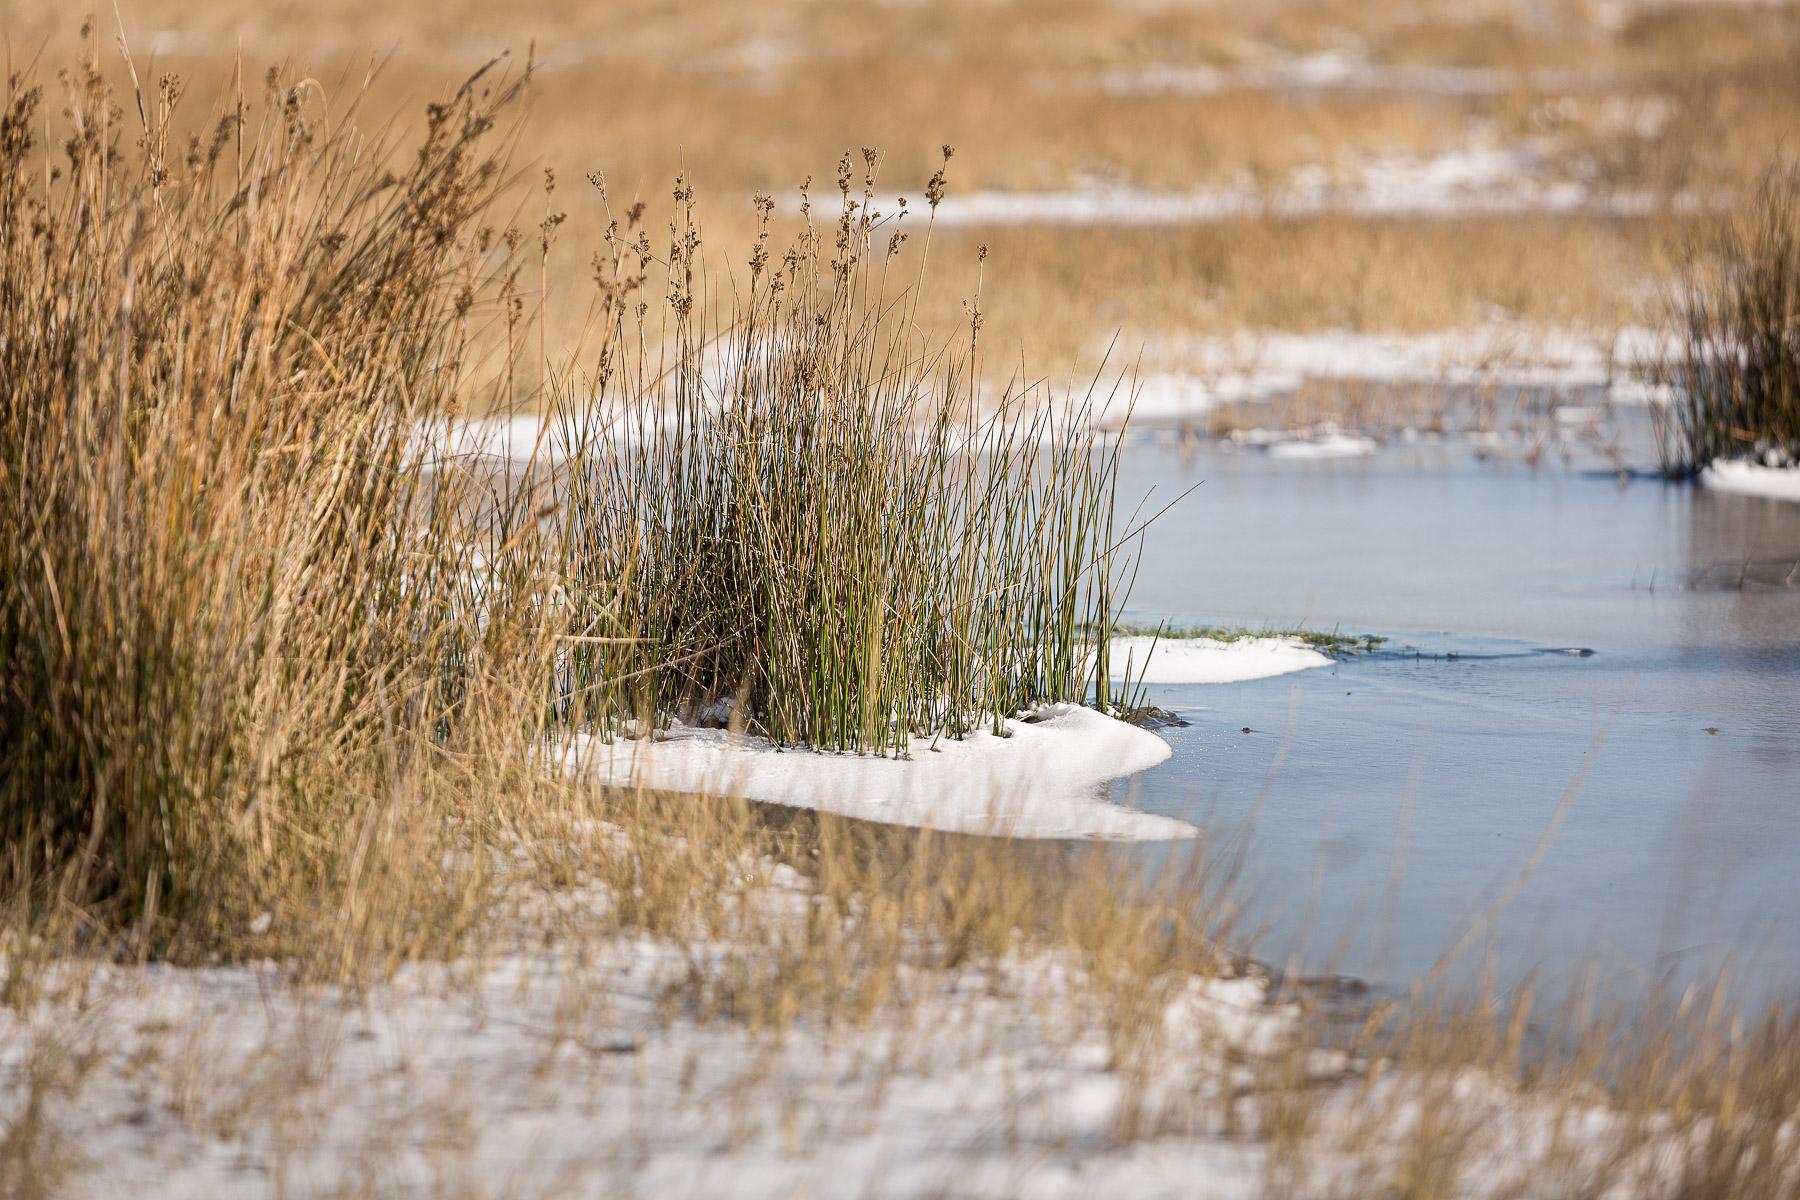 De Baai van Heist in Knokke-Heist, landschapsfotograaf Glenn Vanderbeke, wandelen in Knokke-Heist, natuur in Knokke-Heist, Glenn Vanderbeke, Glenn Vanderbeke landschapsfotograaf